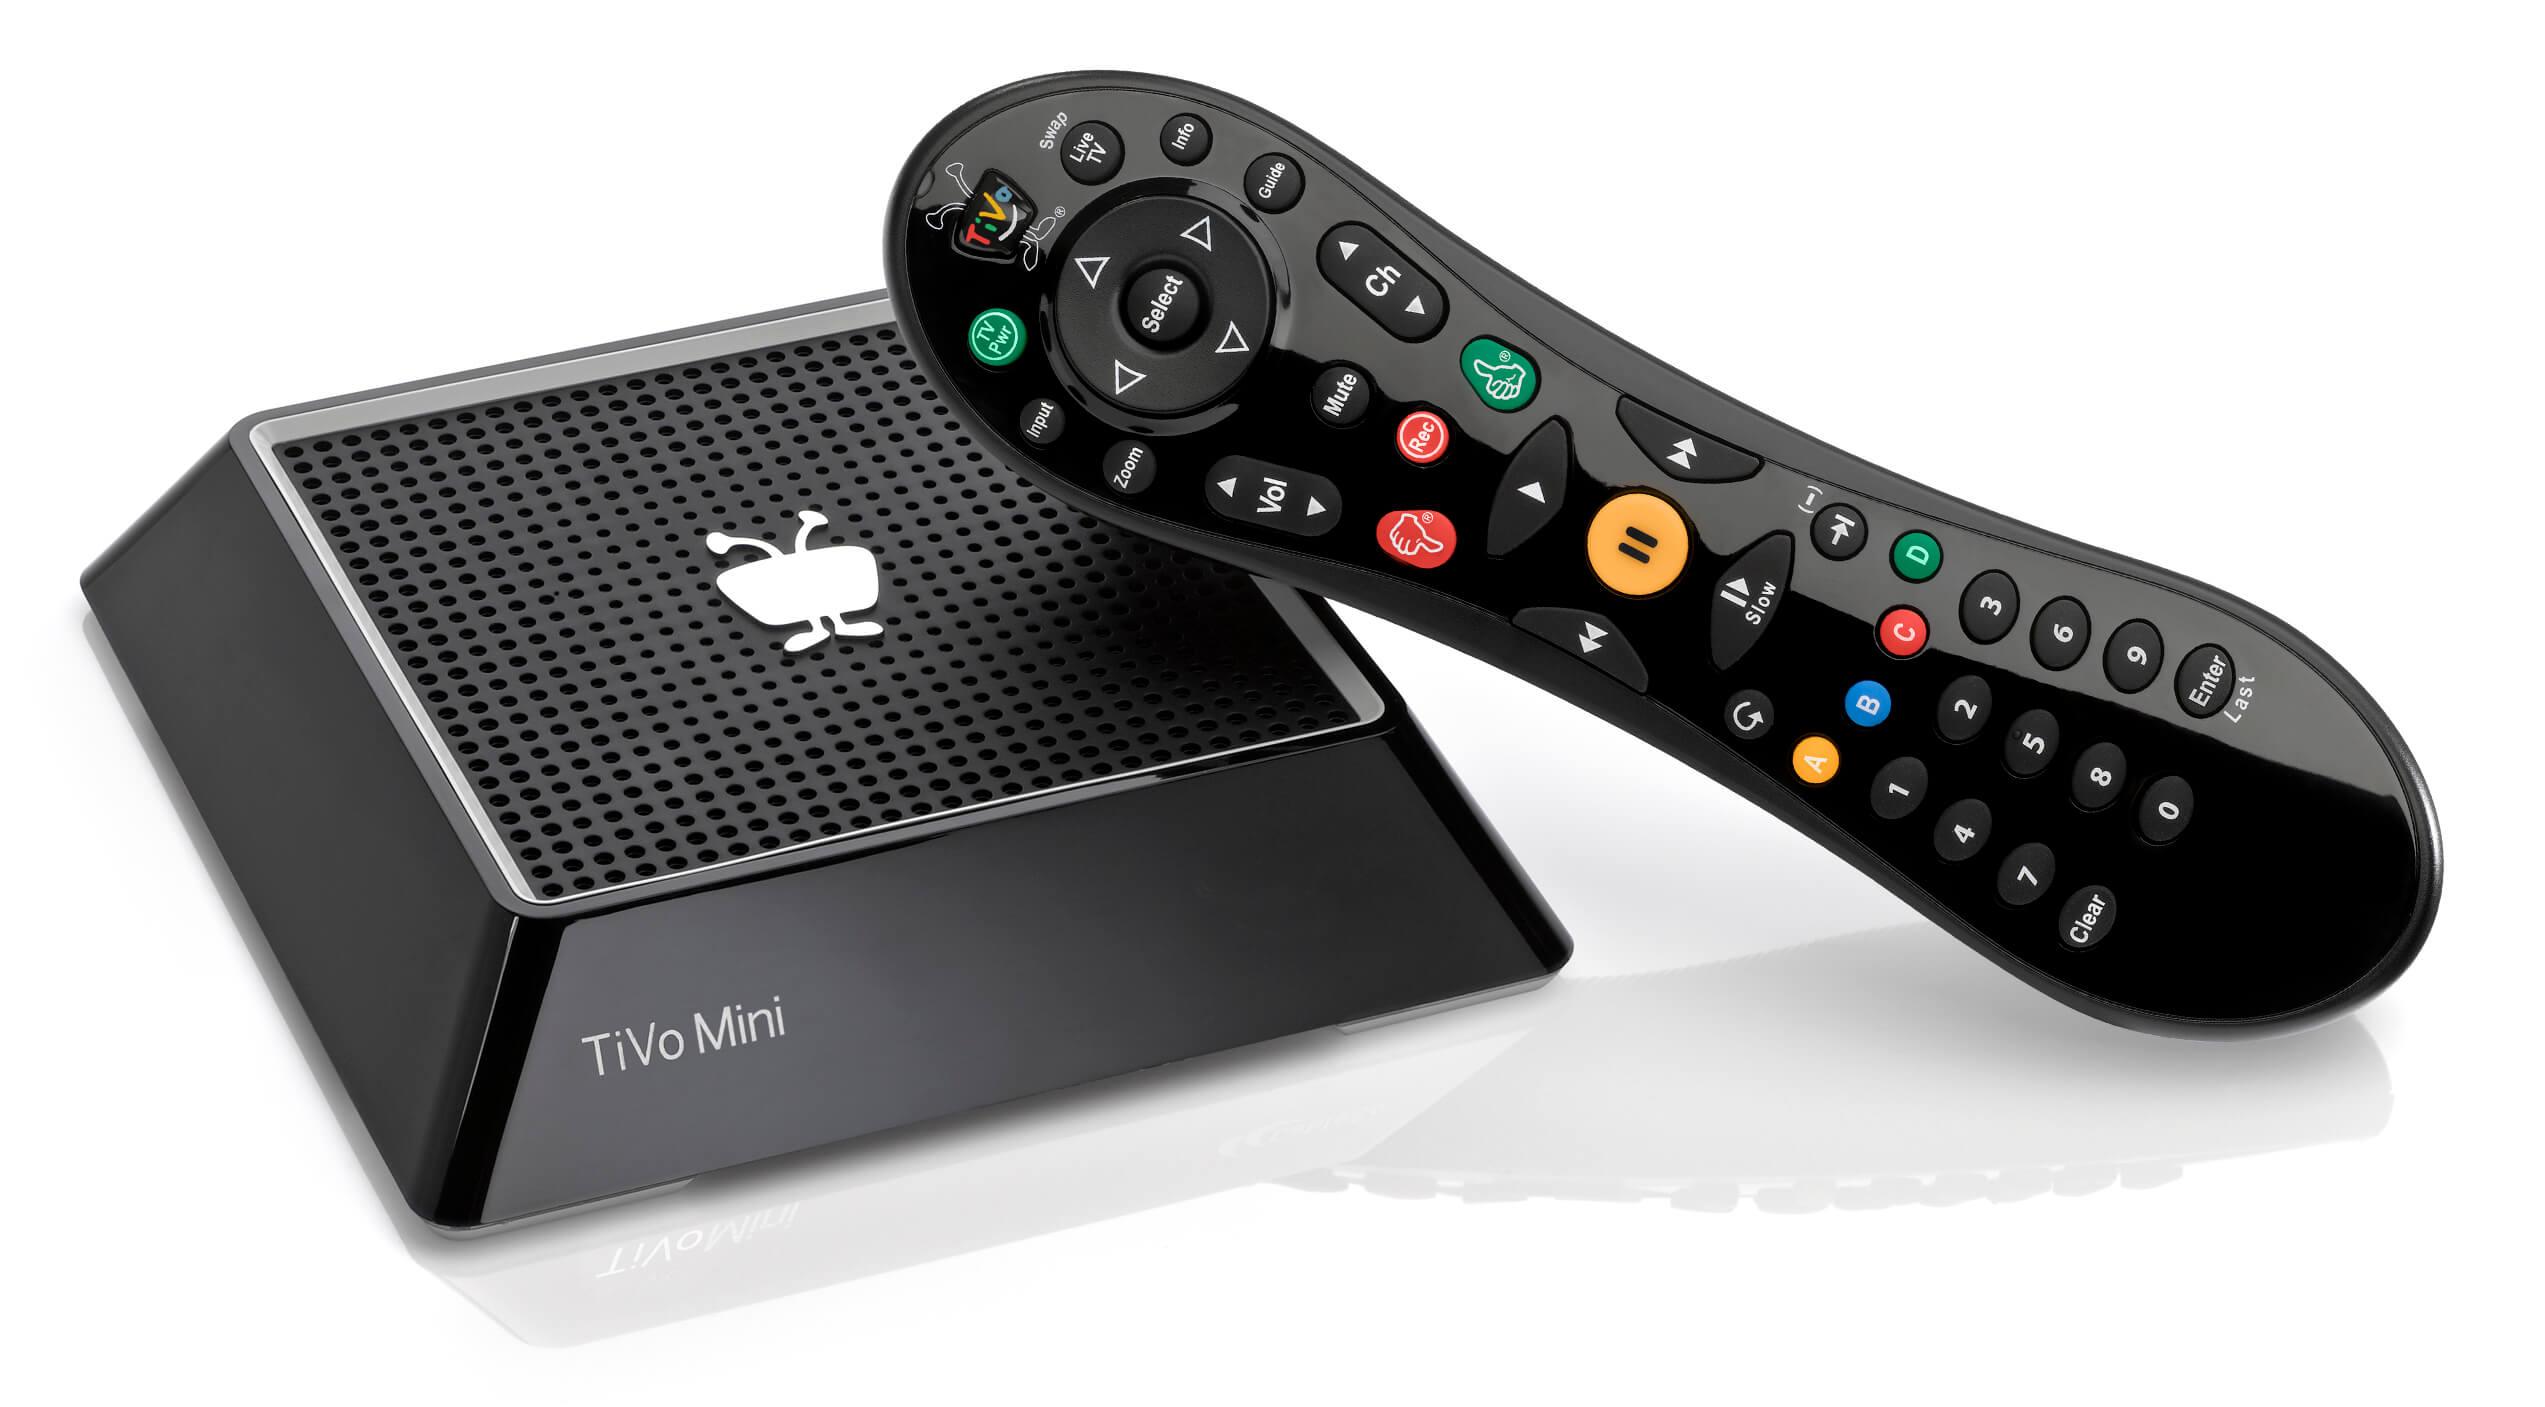 TiVoMini